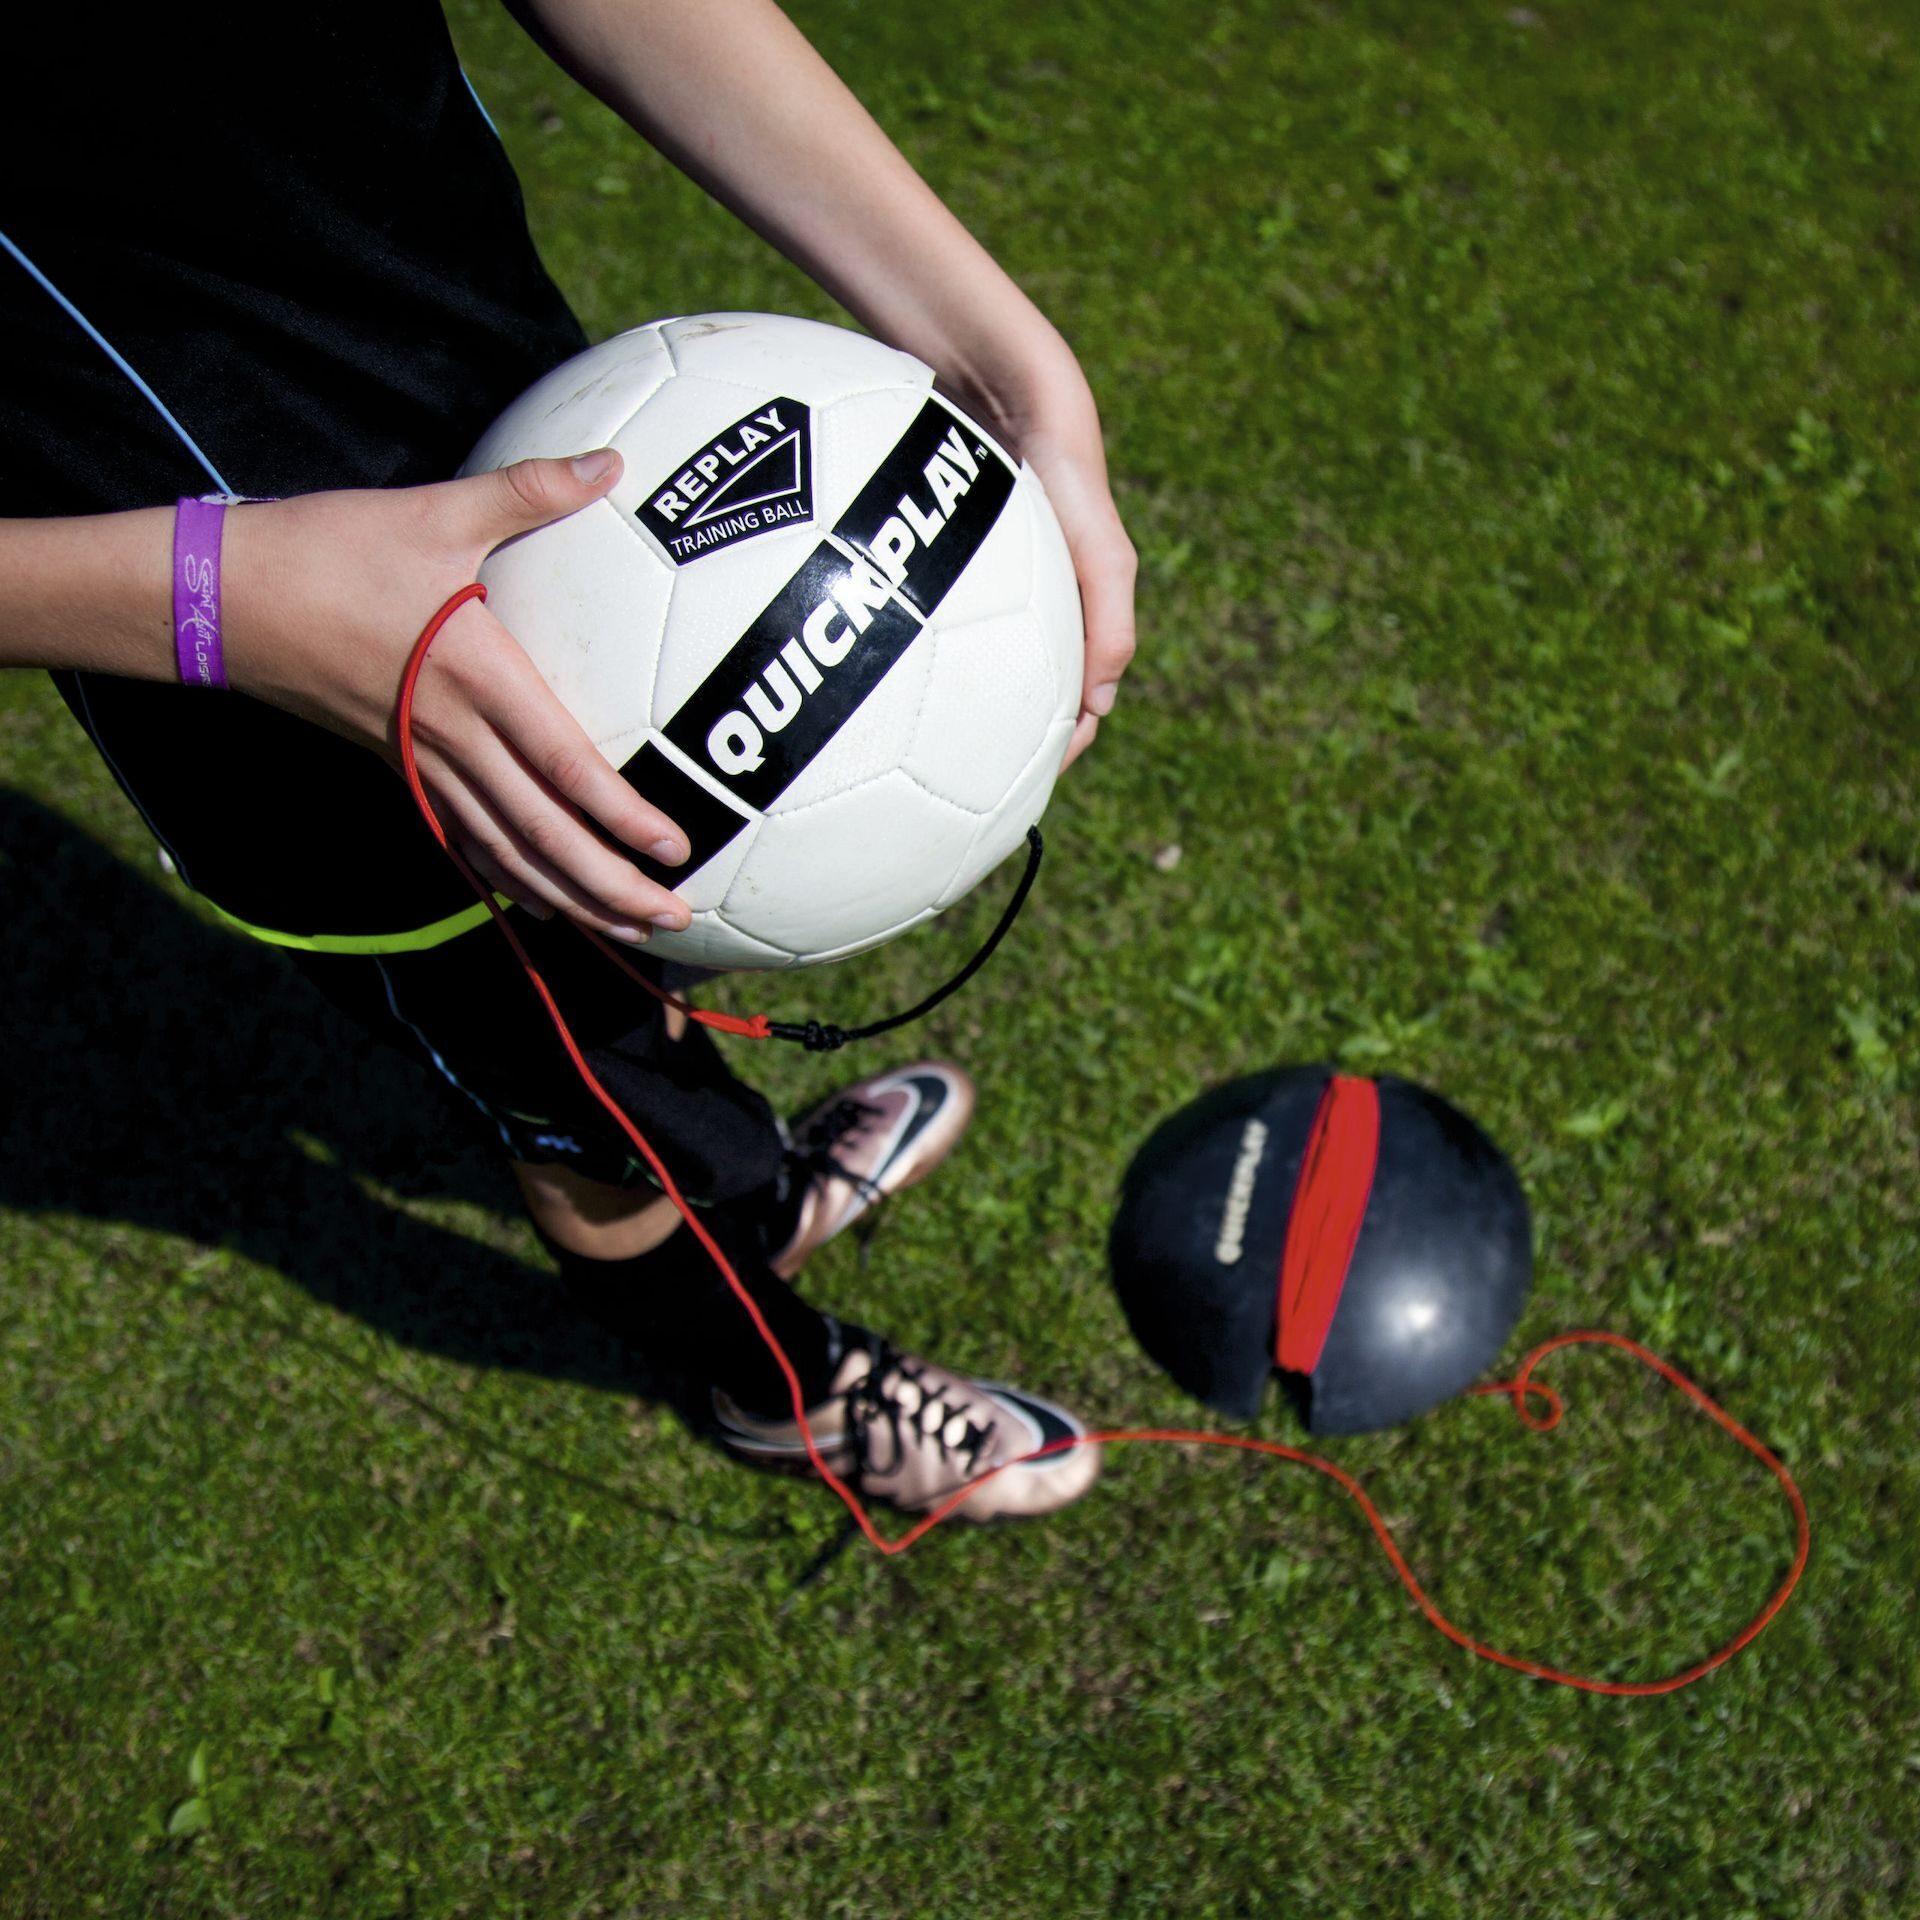 Футбольный тренажер QUICKPLAY REPLAY BALL размер 4 купить в Москве ... c691da58989